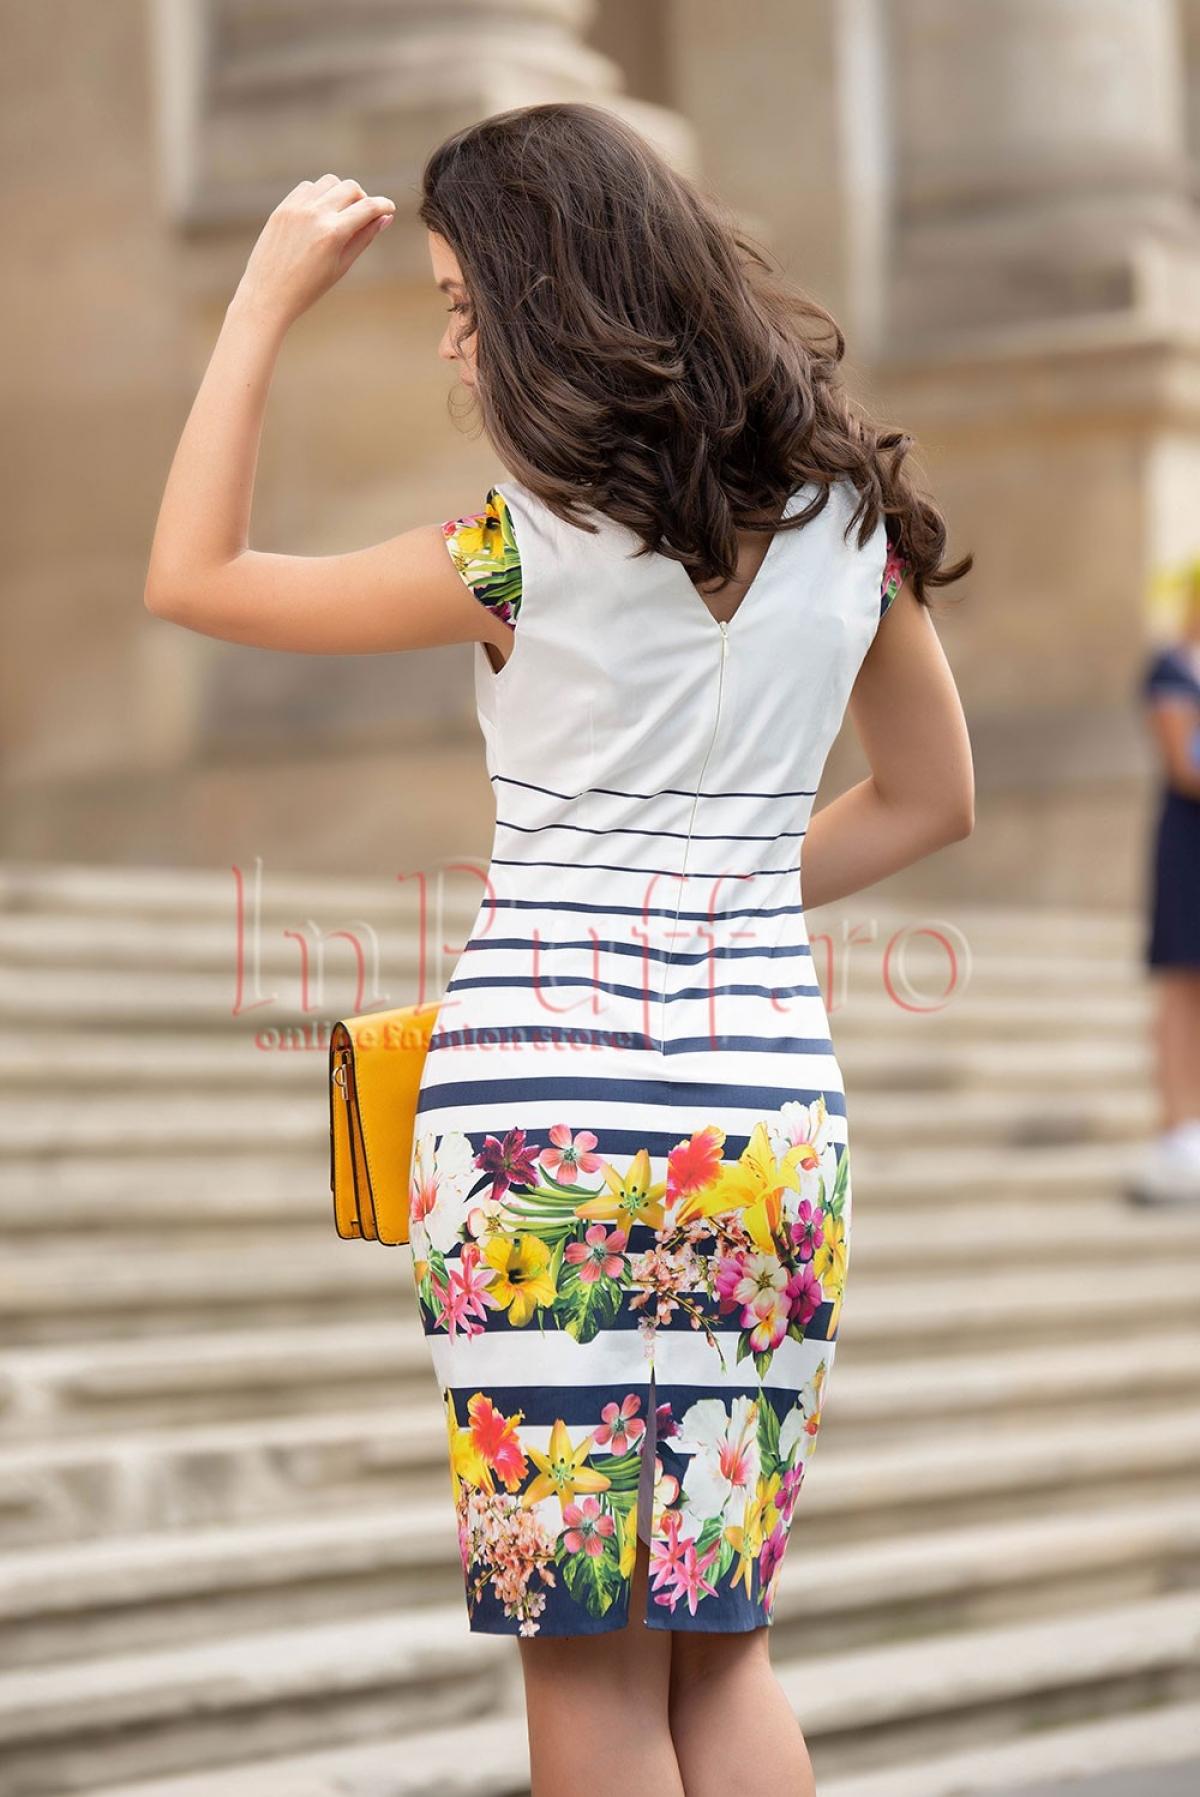 Rochie alba cu imprimeu floral si dungi orizontale